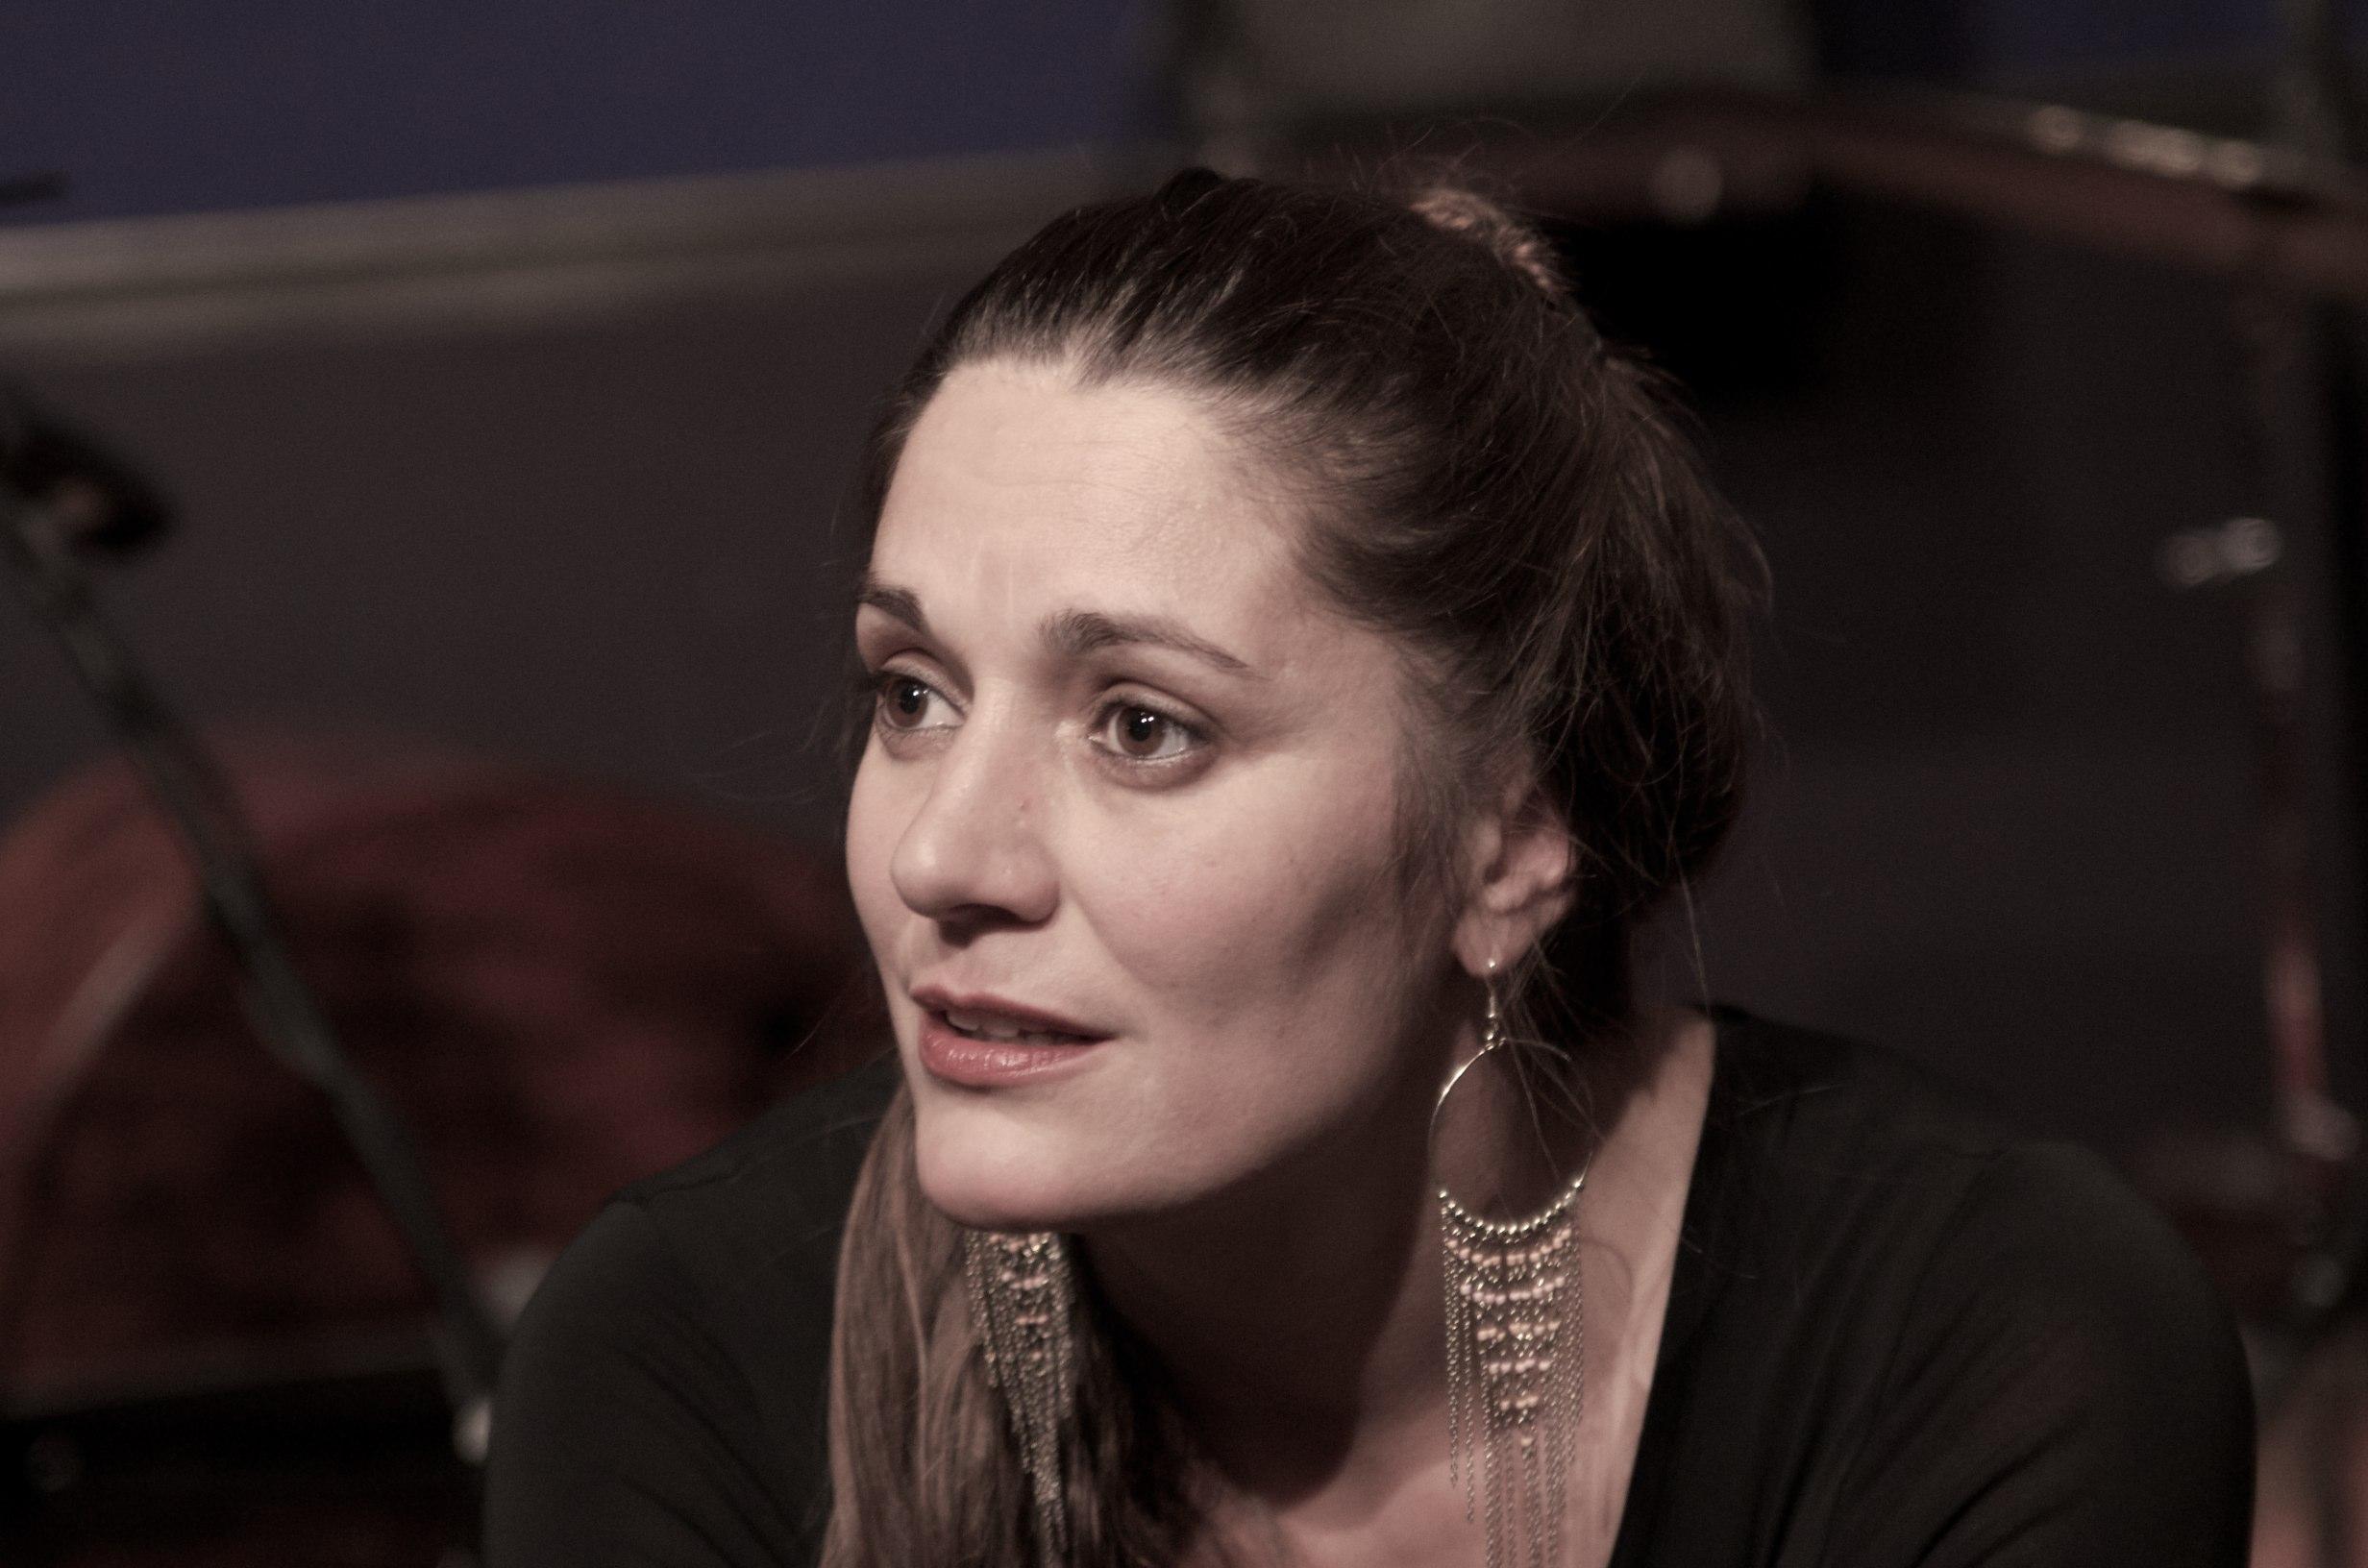 Lisette Spinnler